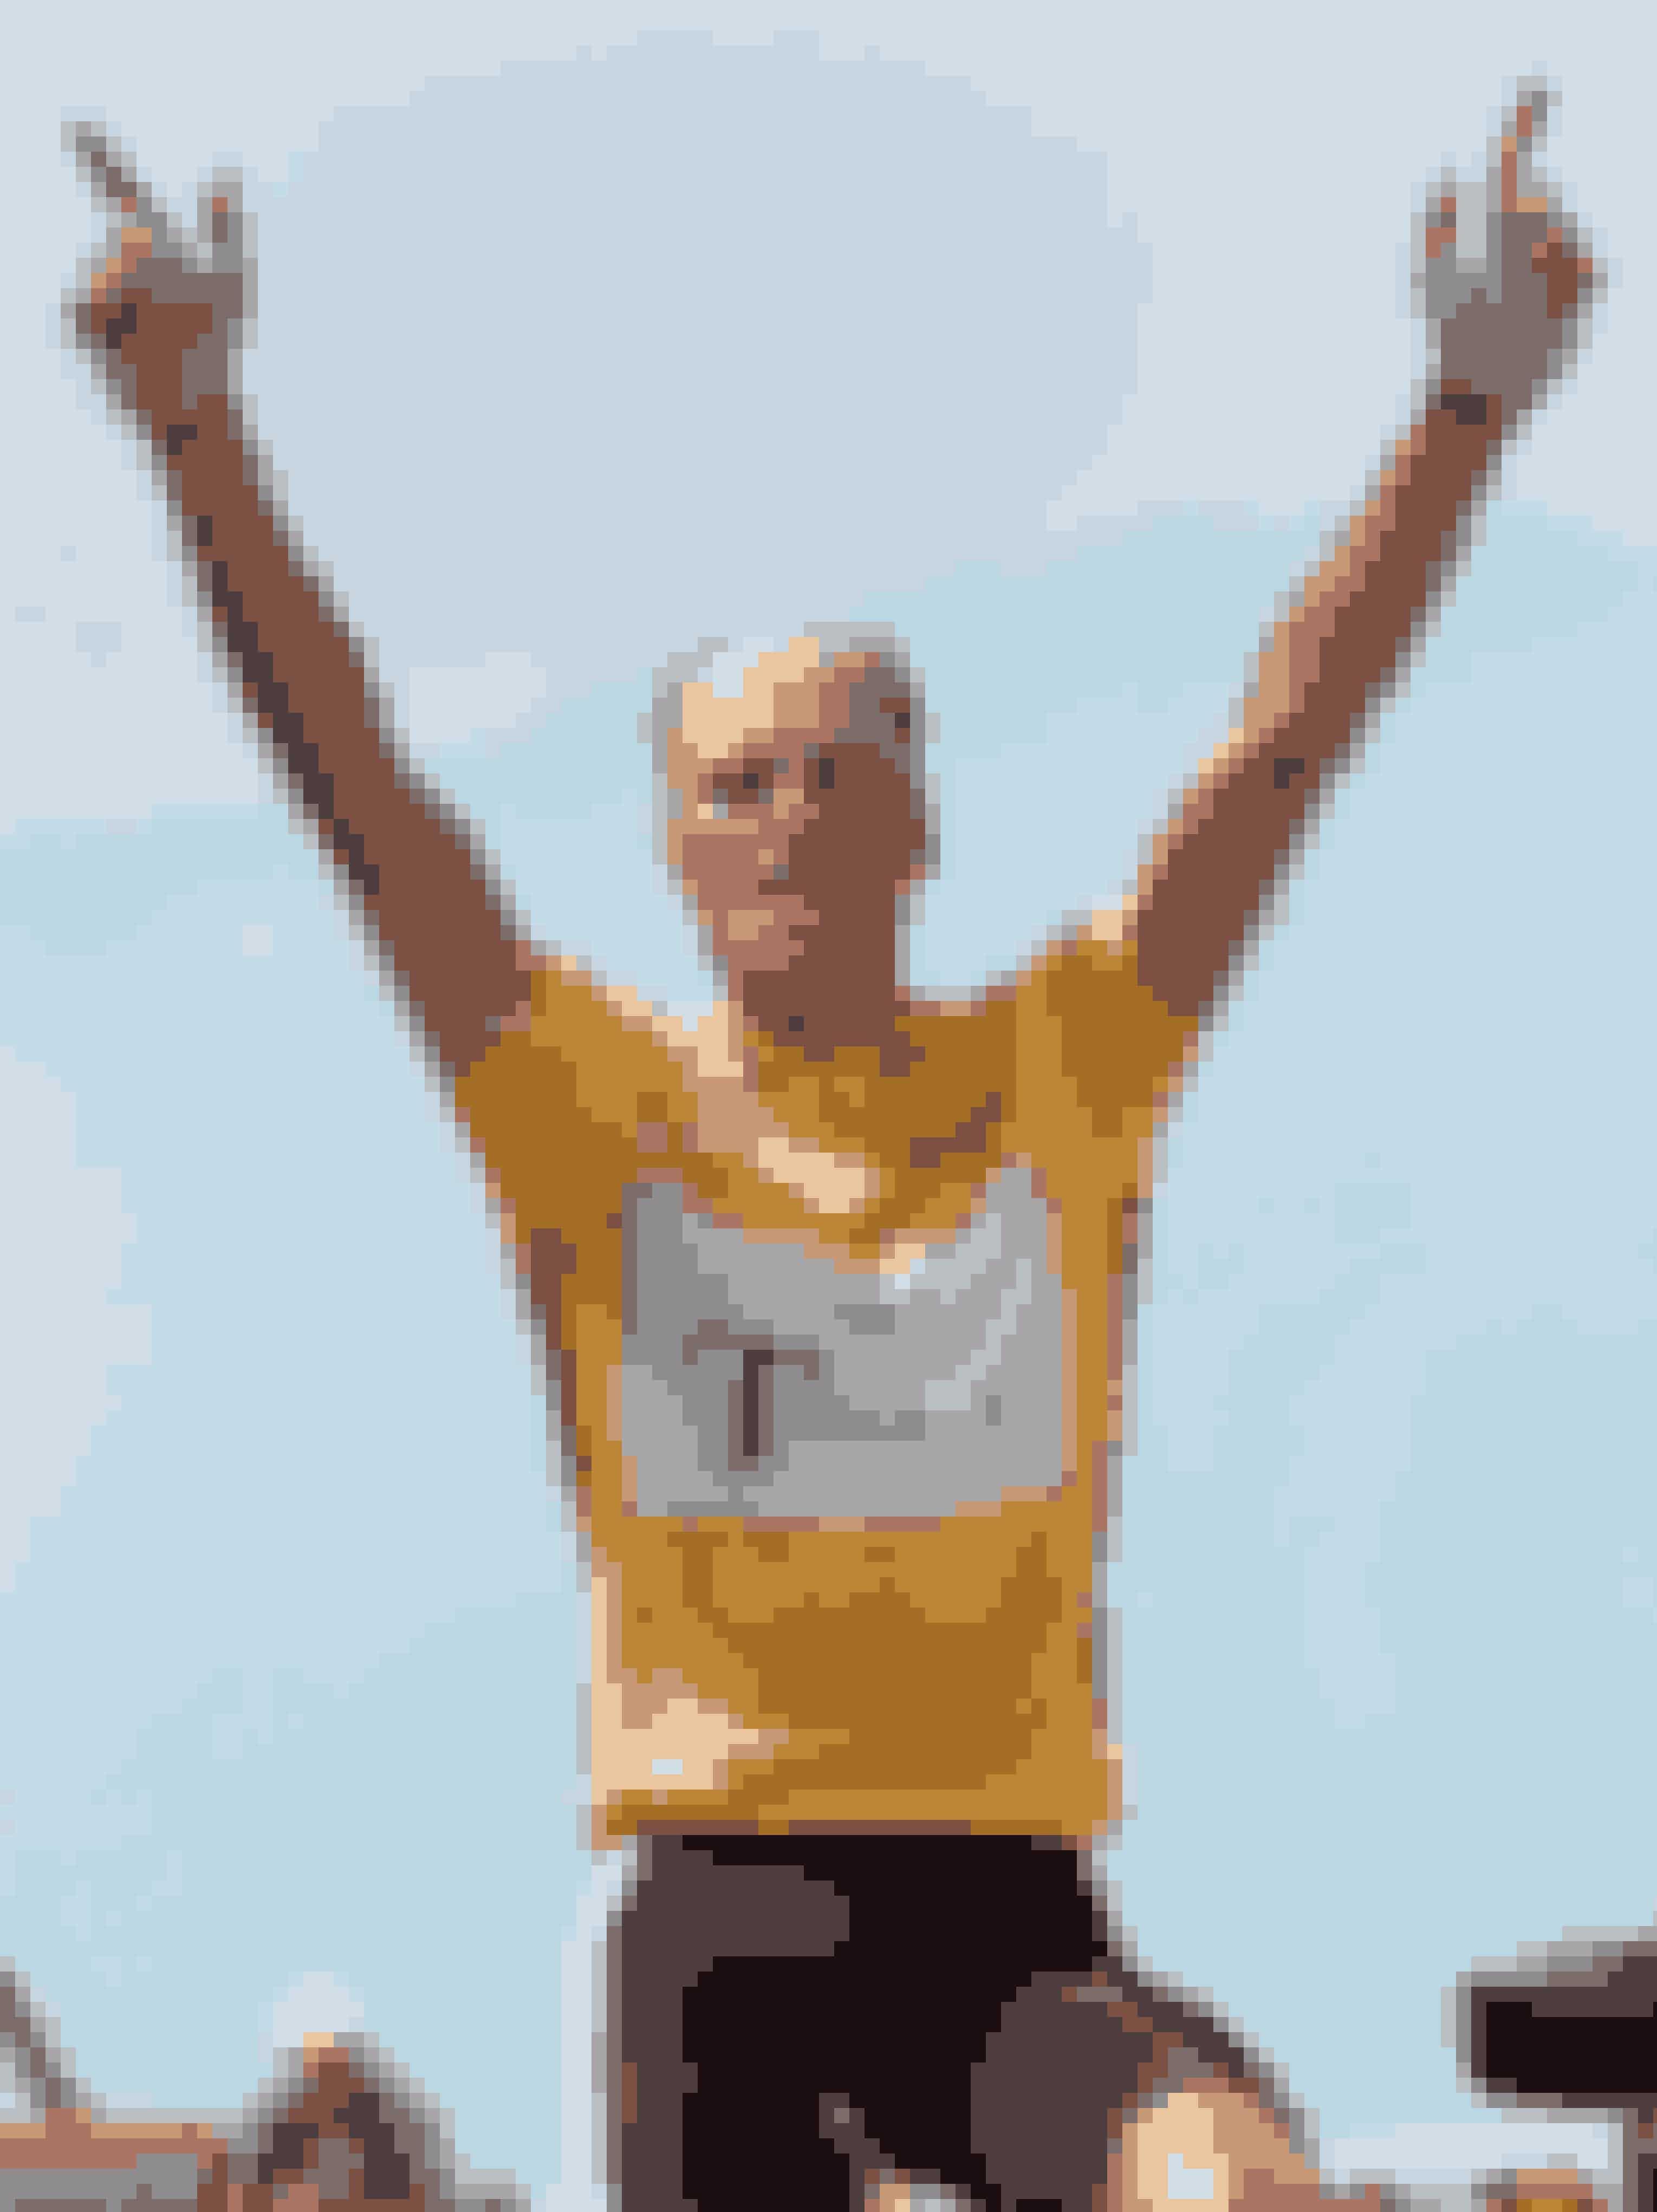 Bjarne Riis vandt den 16. etape mellem Agen og Lourdes-Hautacam under Tour de France i 1996 og blev dermed vinder af Tour de France. Foto: AP